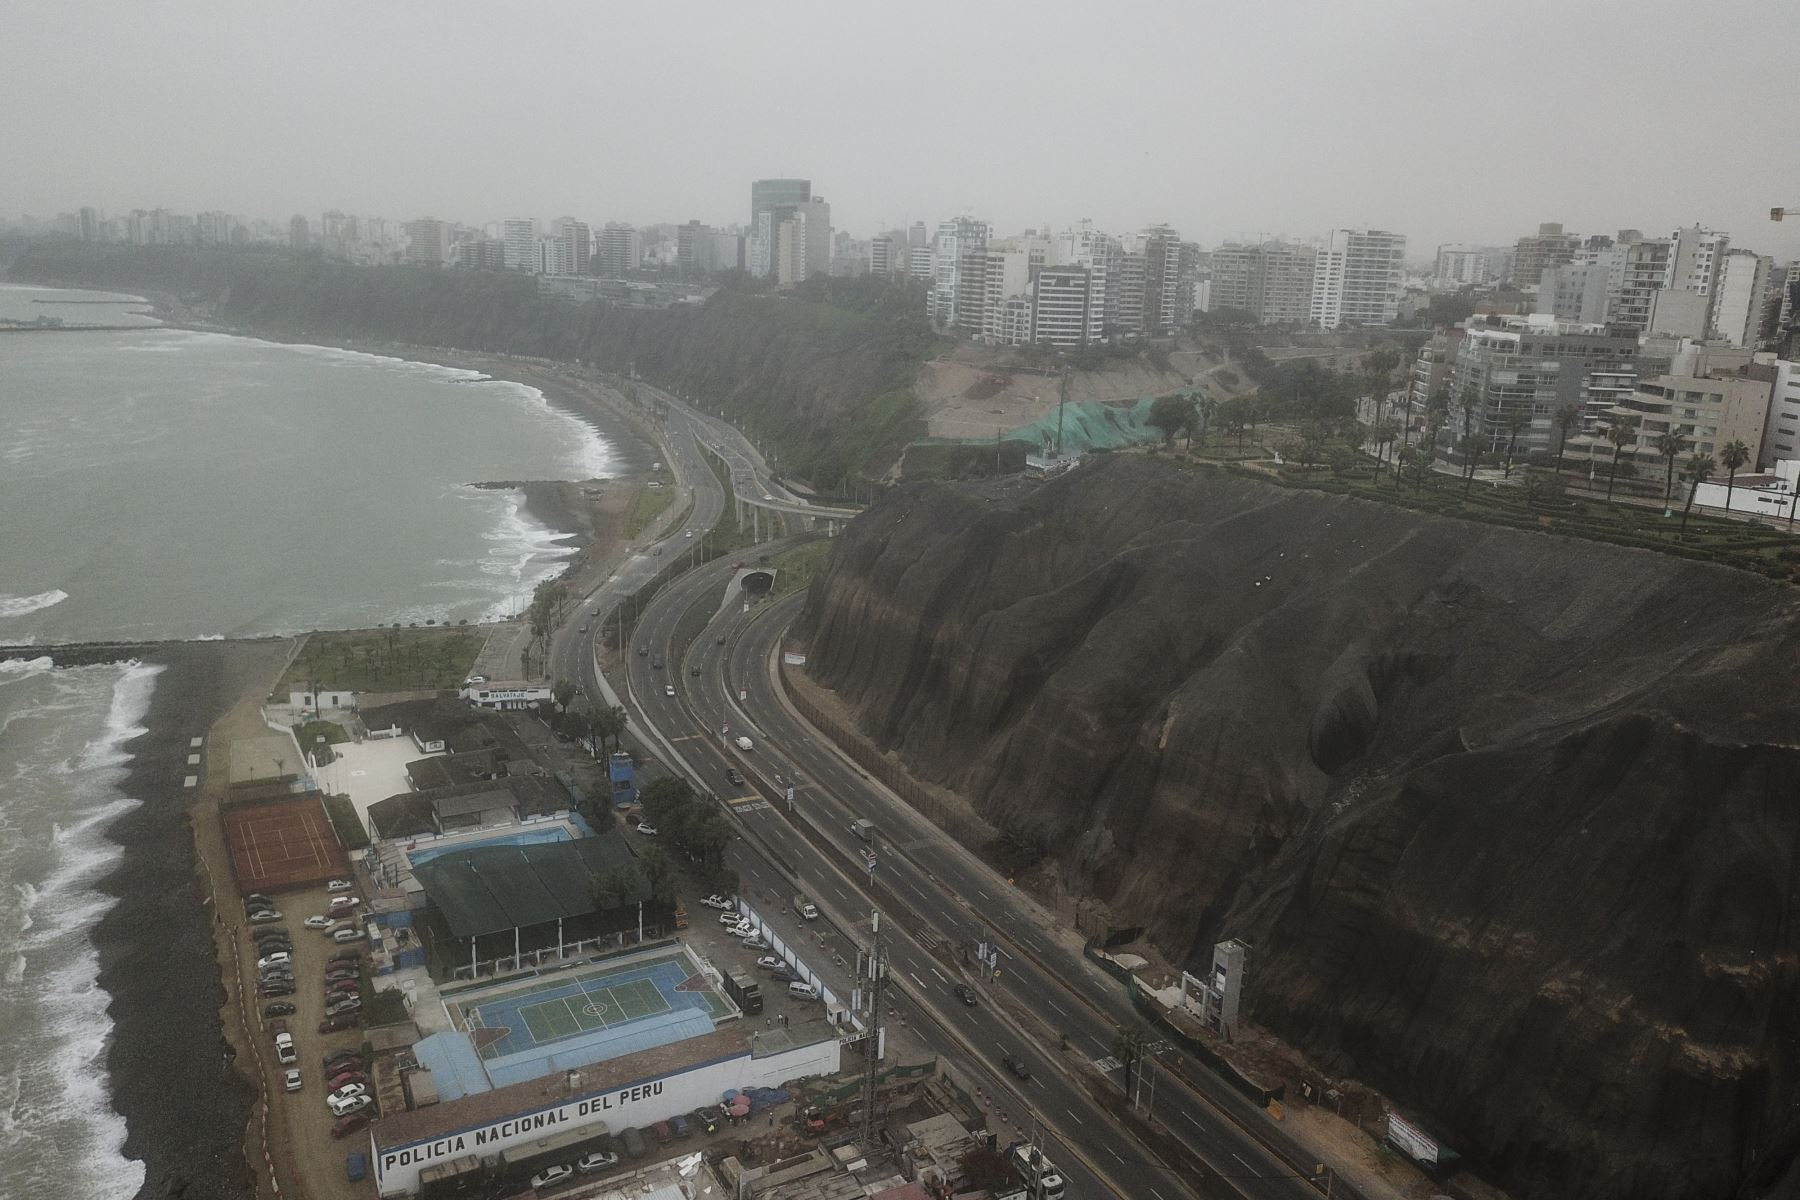 La Municipalidad de Lima anunció que la Costa Verde fue reabierta esta mañana tras su cierre por desprendimiento de piedras a causa del sismo de 6 grados que sacudió Lima anoche. Las autoridades competentes realizan trabajos de limpieza de la vía. Foto: ANDINA/Juan Carlos Guzmán